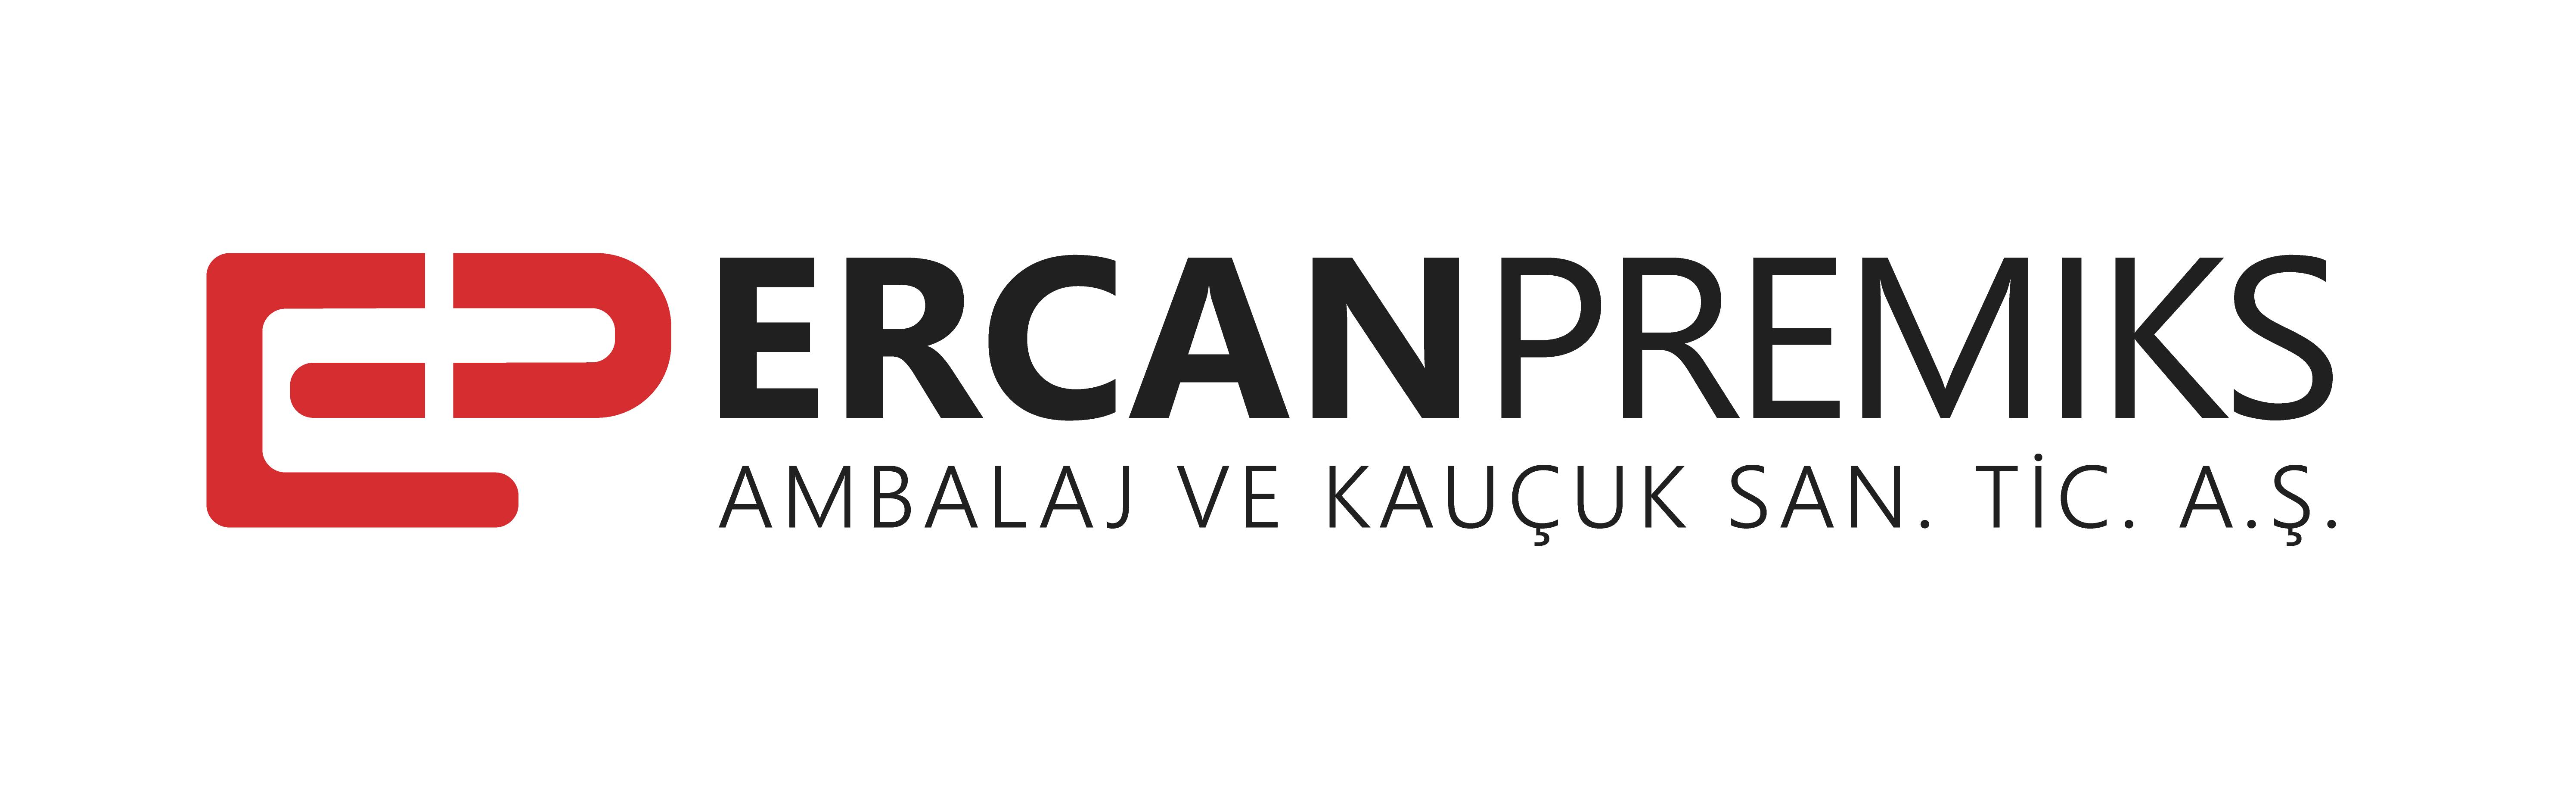 Ercan Premiks Ambalaj ve Kauçuk Sanayi ve Ticaret Anonim Şirketi, Ercan Premiks Rubber Company